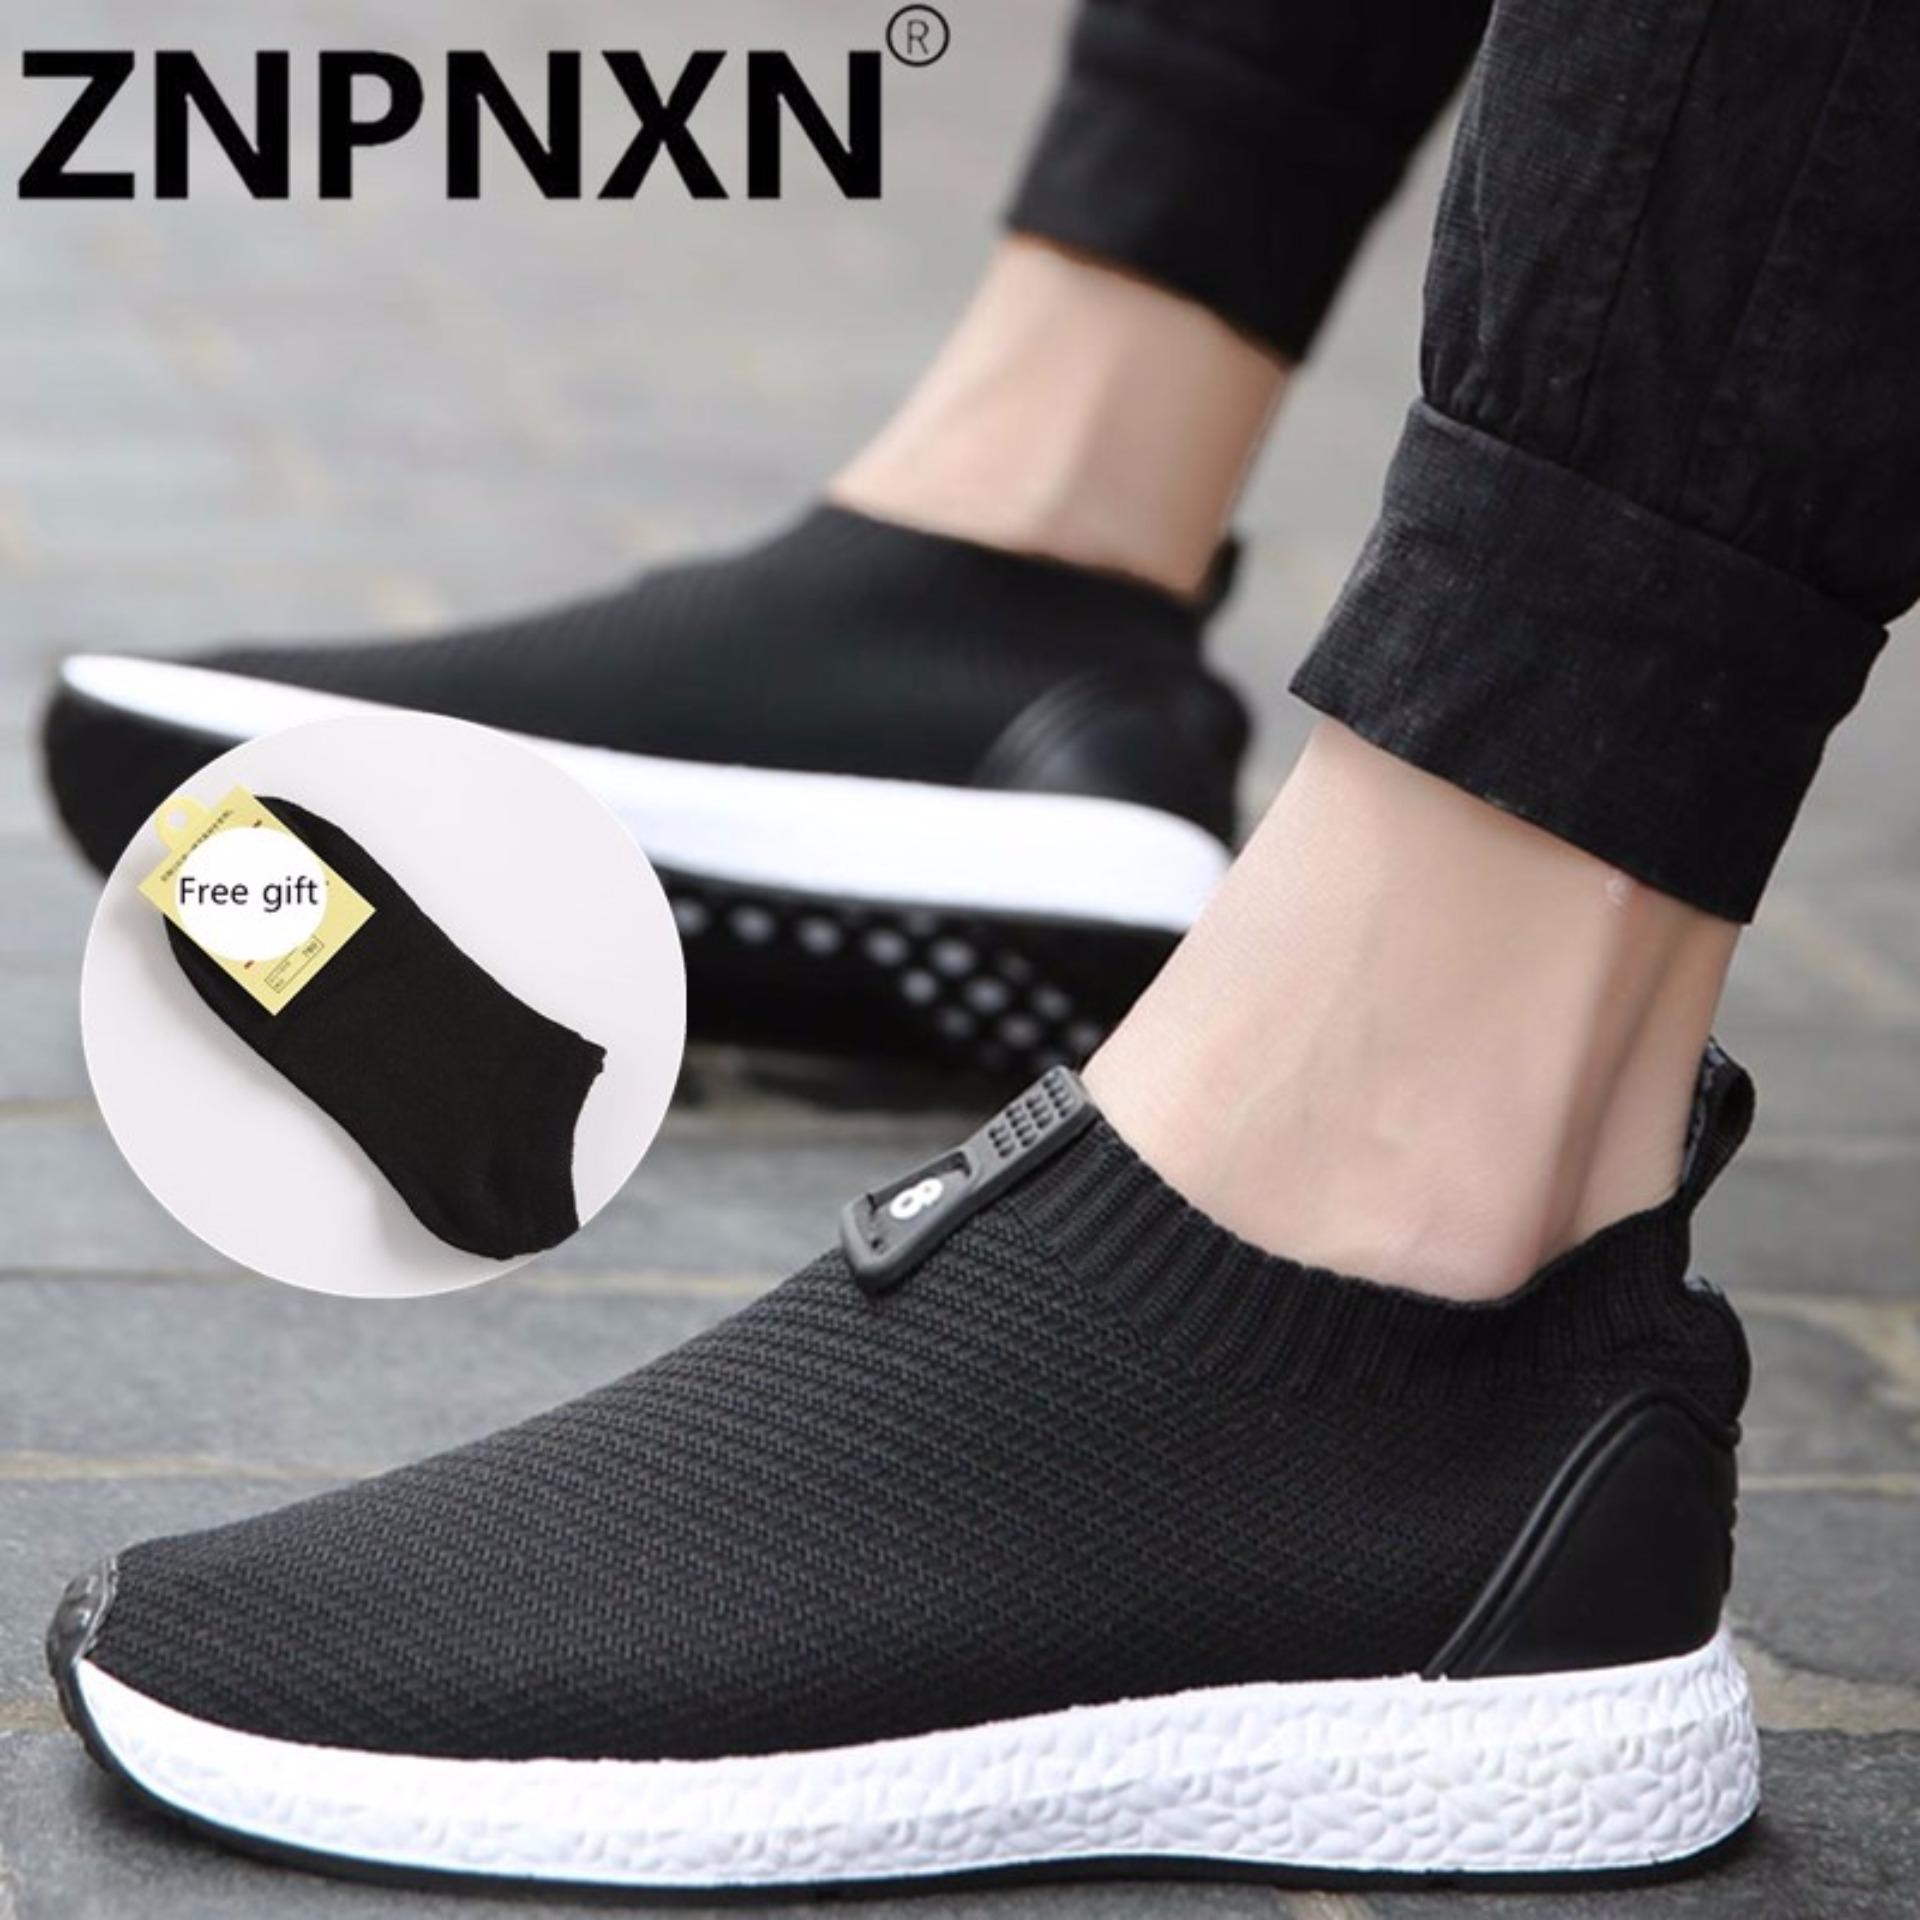 Jual Cepat Znpnxn Kaus Menjalankan Sepatu For Pria Mesh Bernapas Olahraga Sepatu Sneakers Pria English Cahaya Sepatu Olahraga Hitam Dan Putih Intl